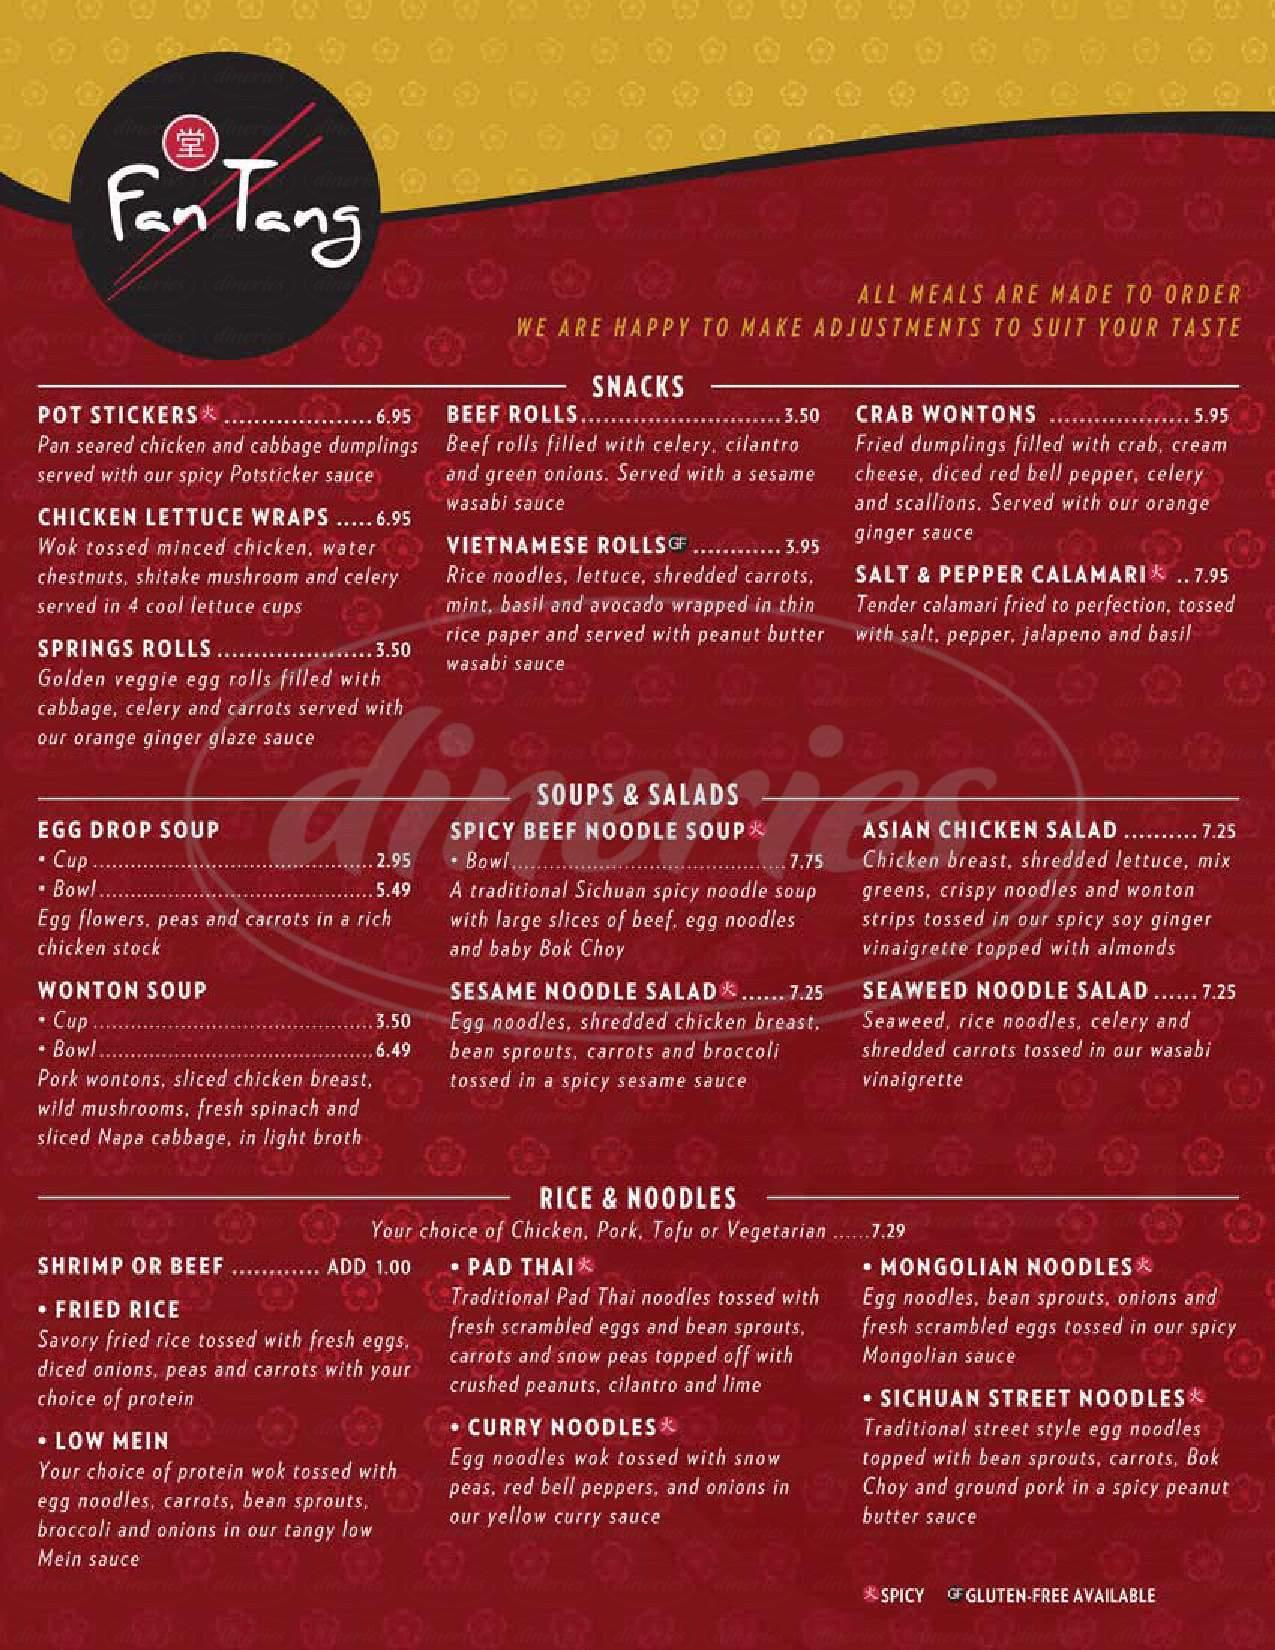 menu for Fan Tang